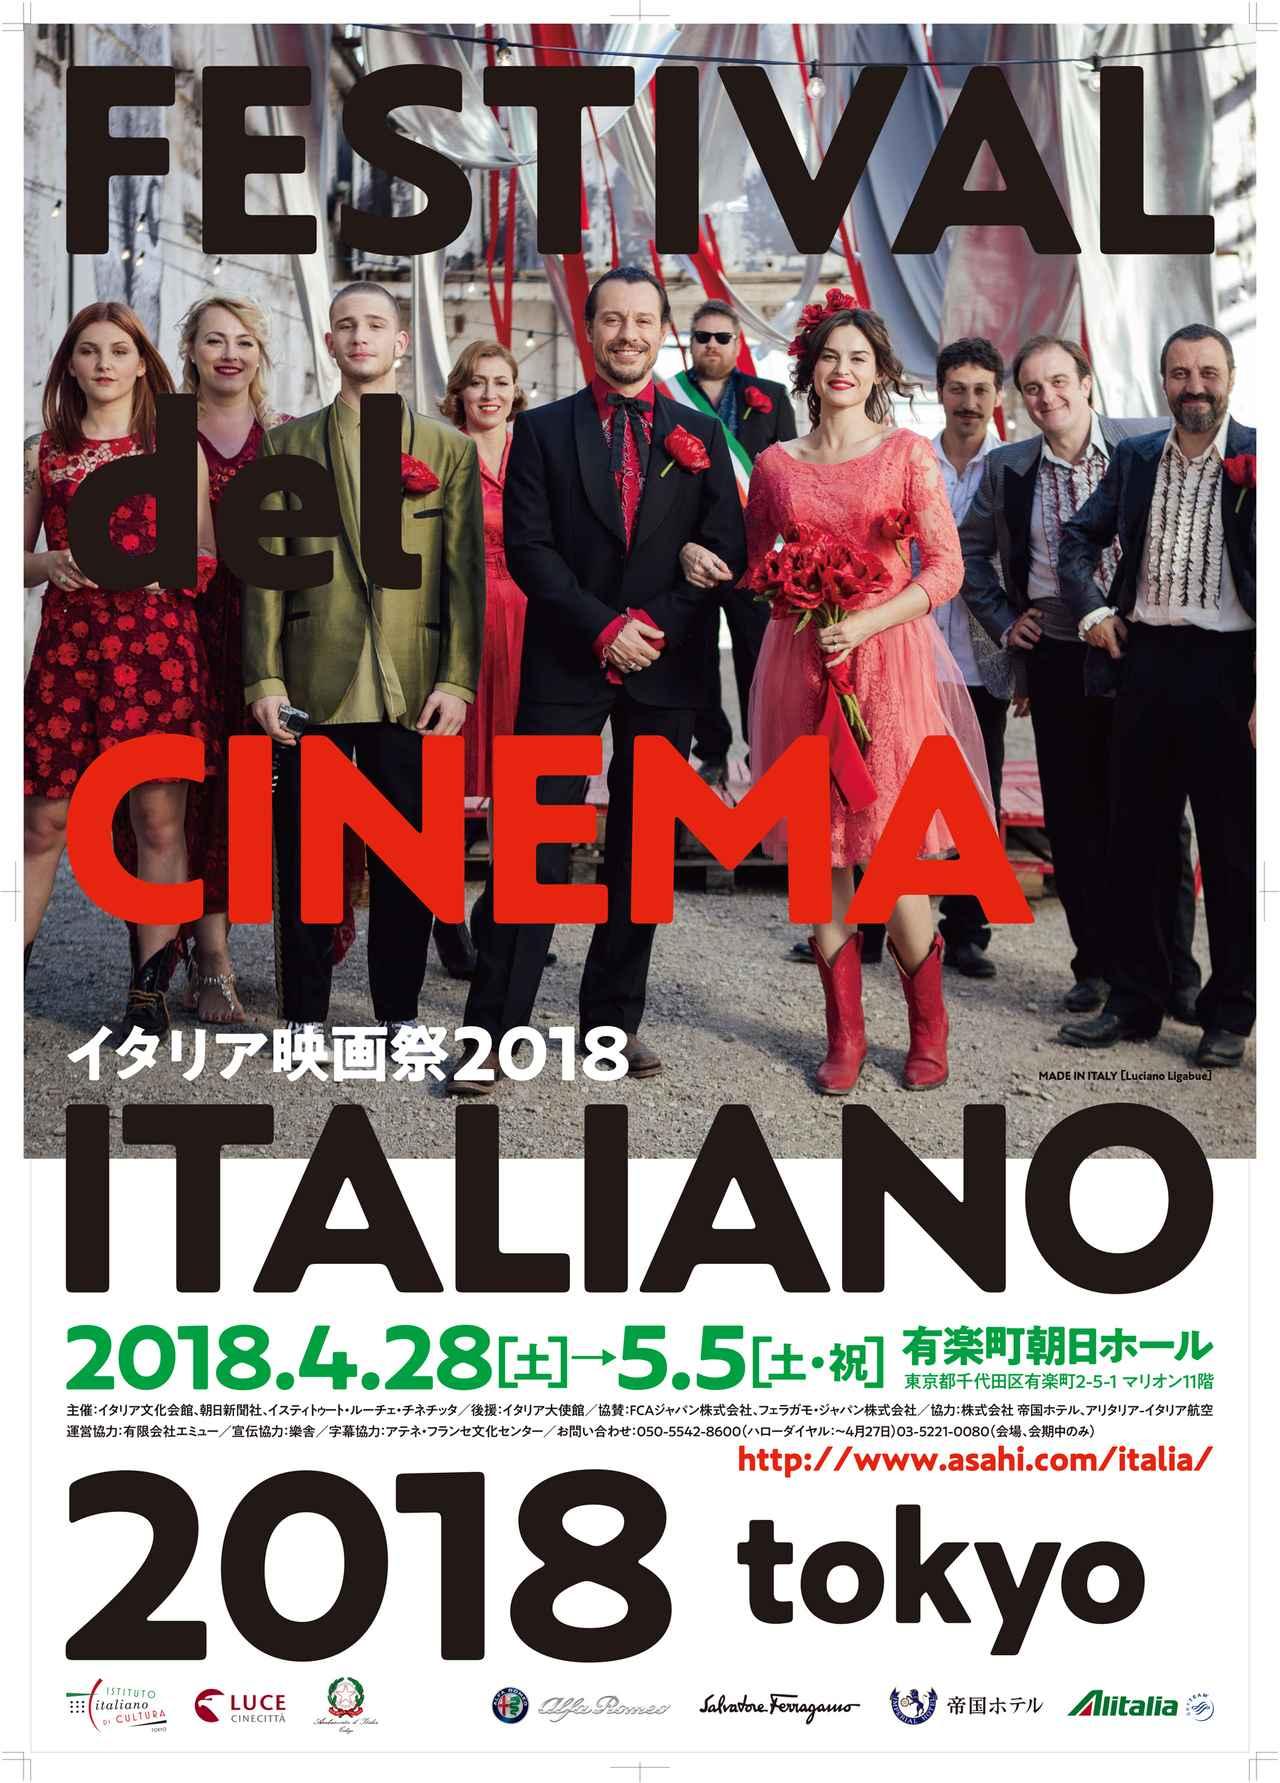 画像: ゴールデンウィークの恒例イベント!イタリア映画祭2018開催決定